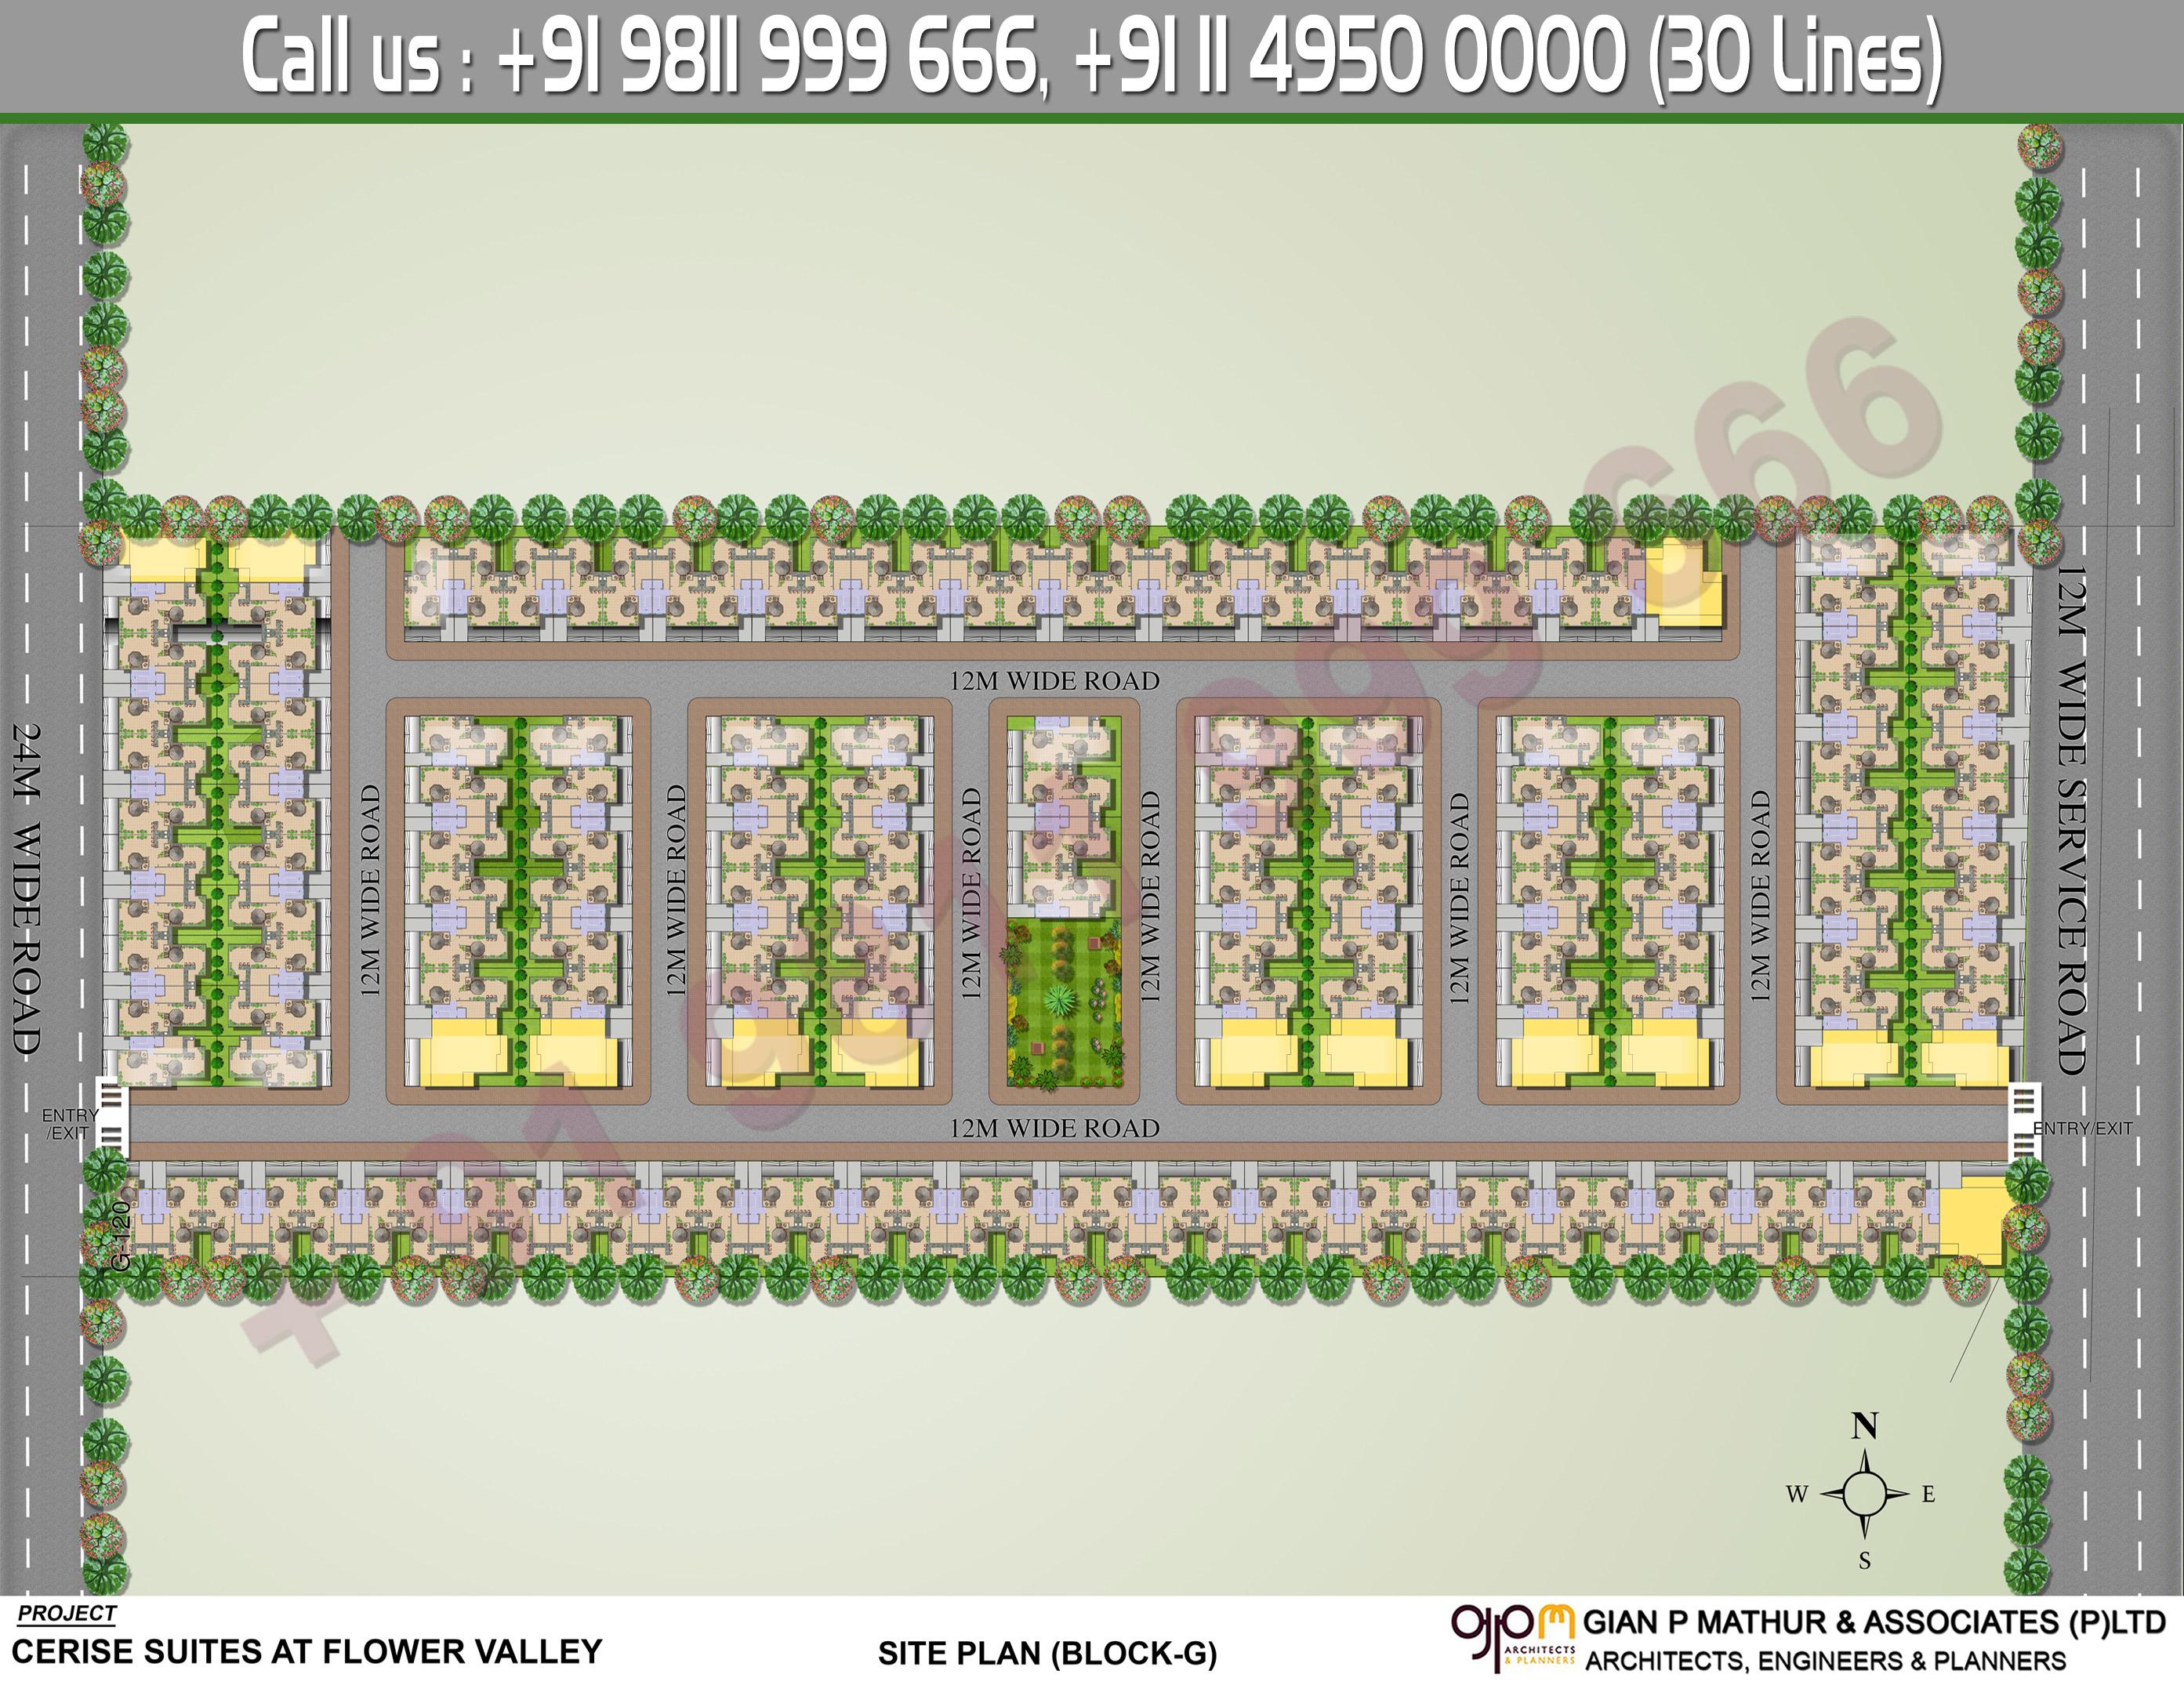 Site Plan - Central Park 3 Cerise Suites Floors Sohna